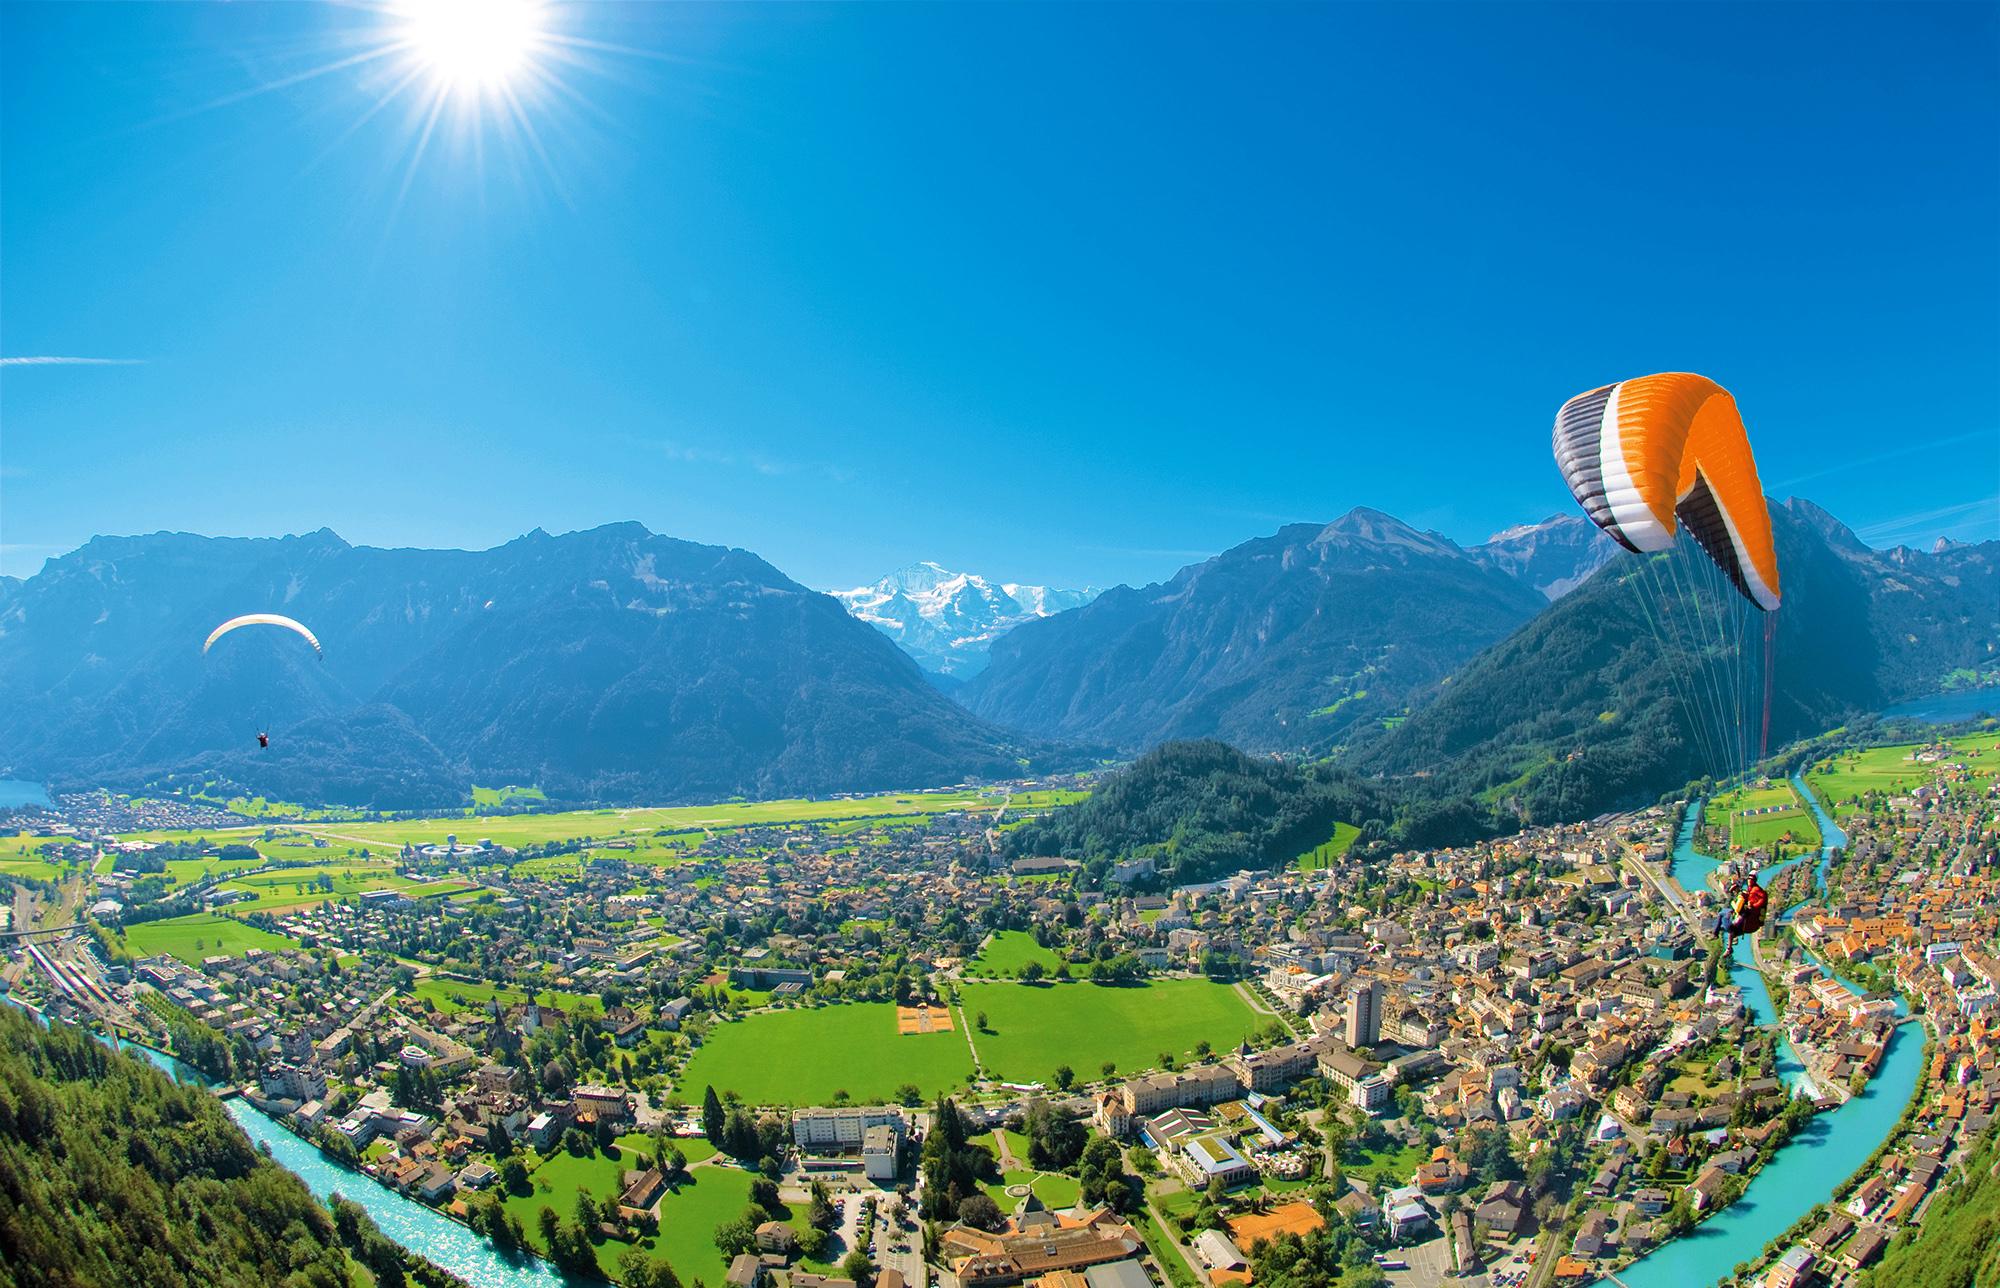 INTERLAKEN - Paraglider im Flug ueber Interlaken.Paraglider flying over Interlaken.Copyright by Interlaken Tourismus Byline: swiss-image.ch/